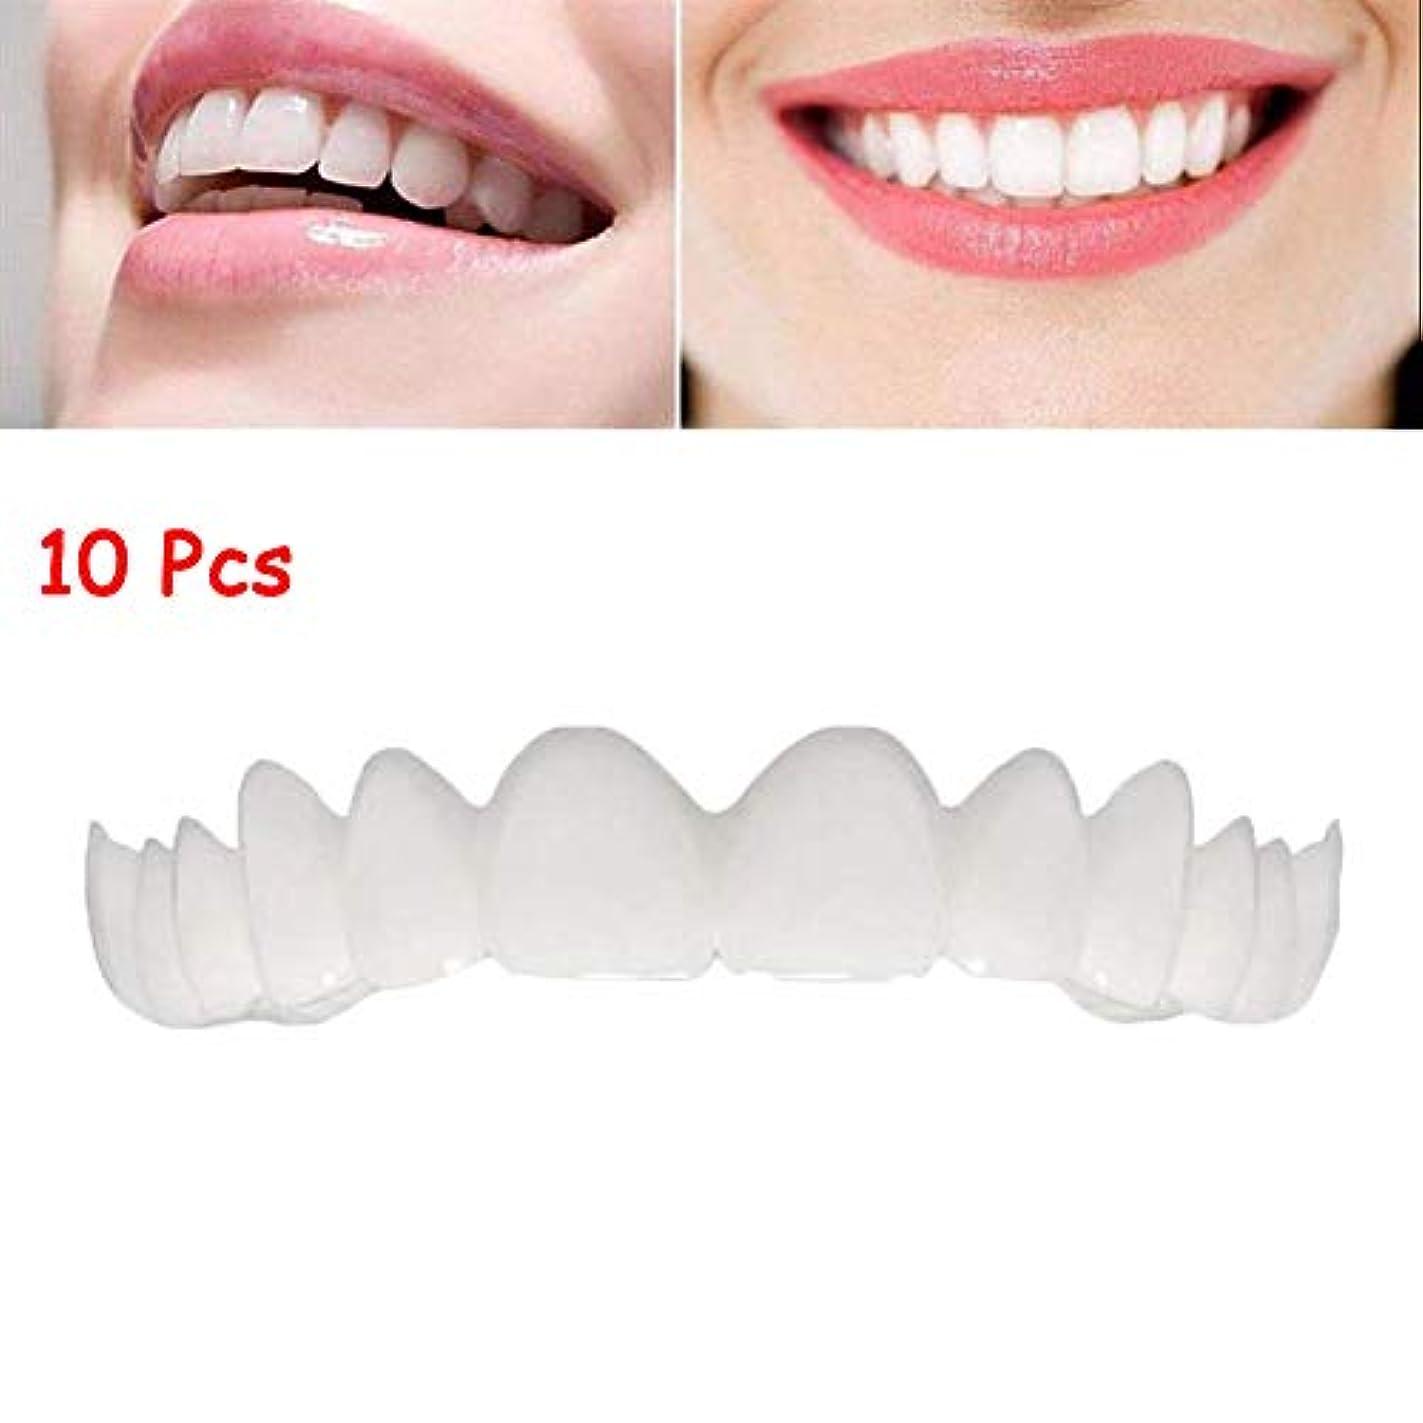 インスタント凍った受取人10個の一時的な化粧品の歯の義歯は歯を白くするブレースを模擬